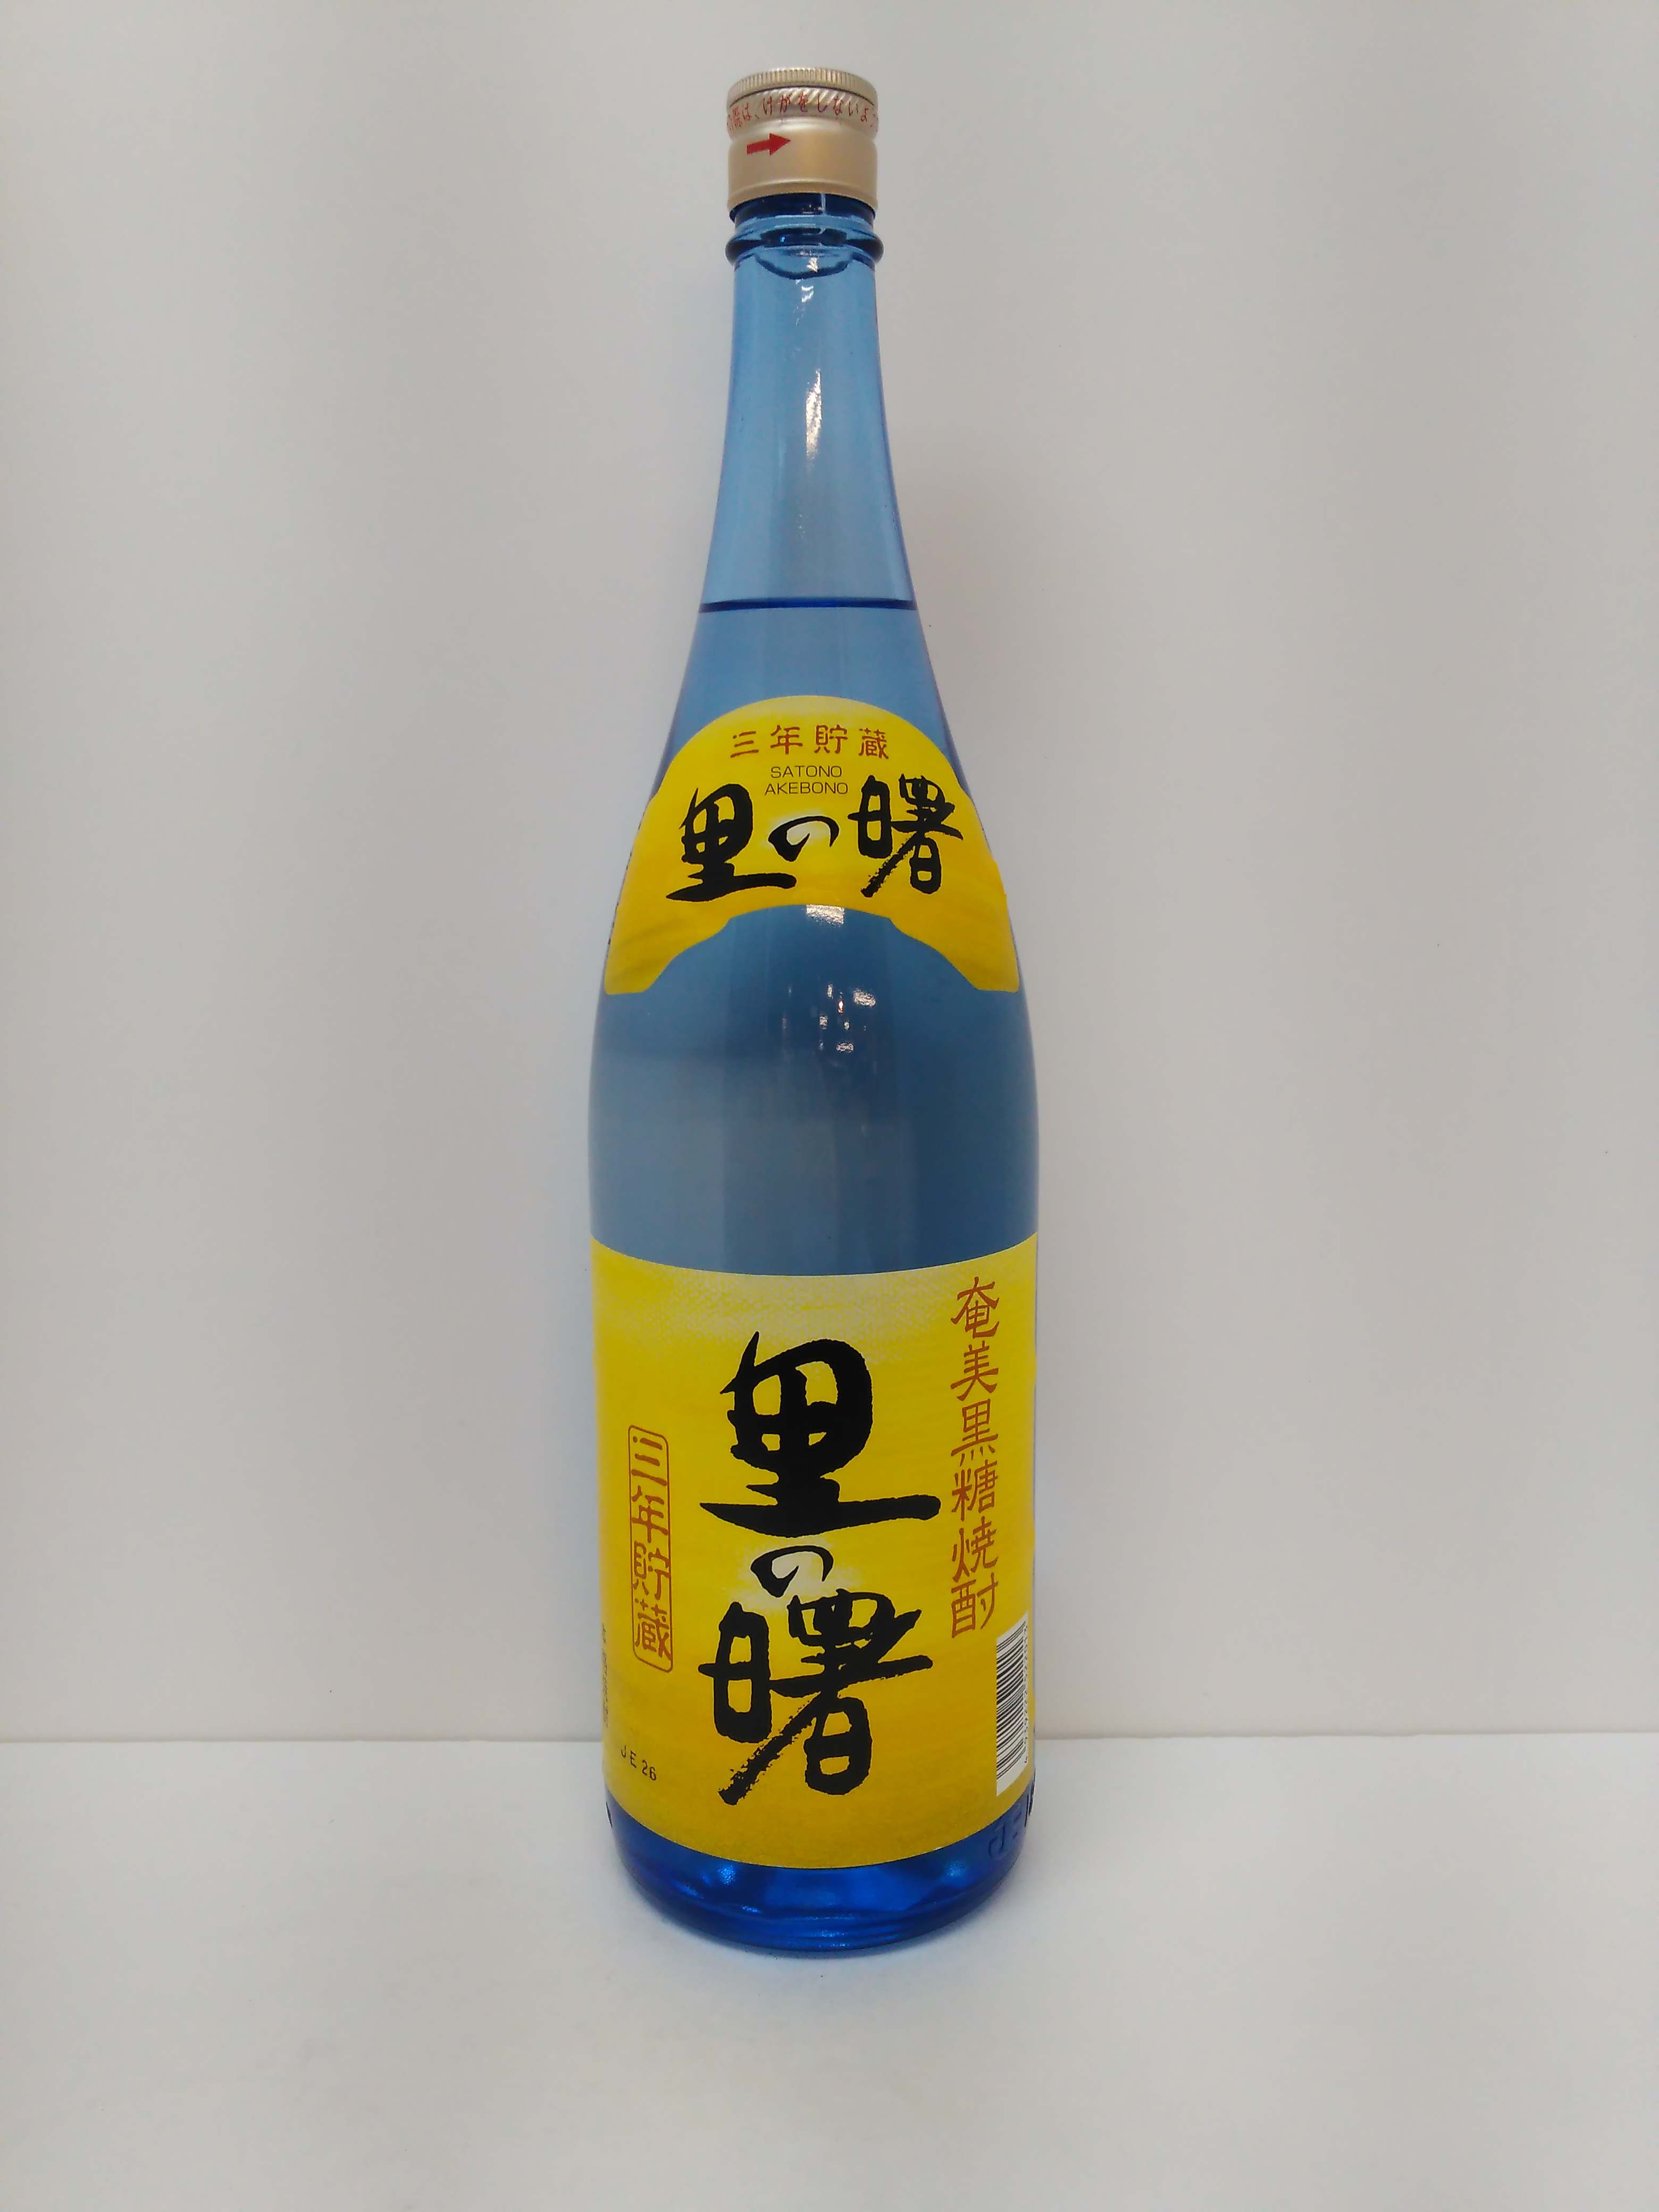 里の曙 黒糖焼酎 25度 1800ml